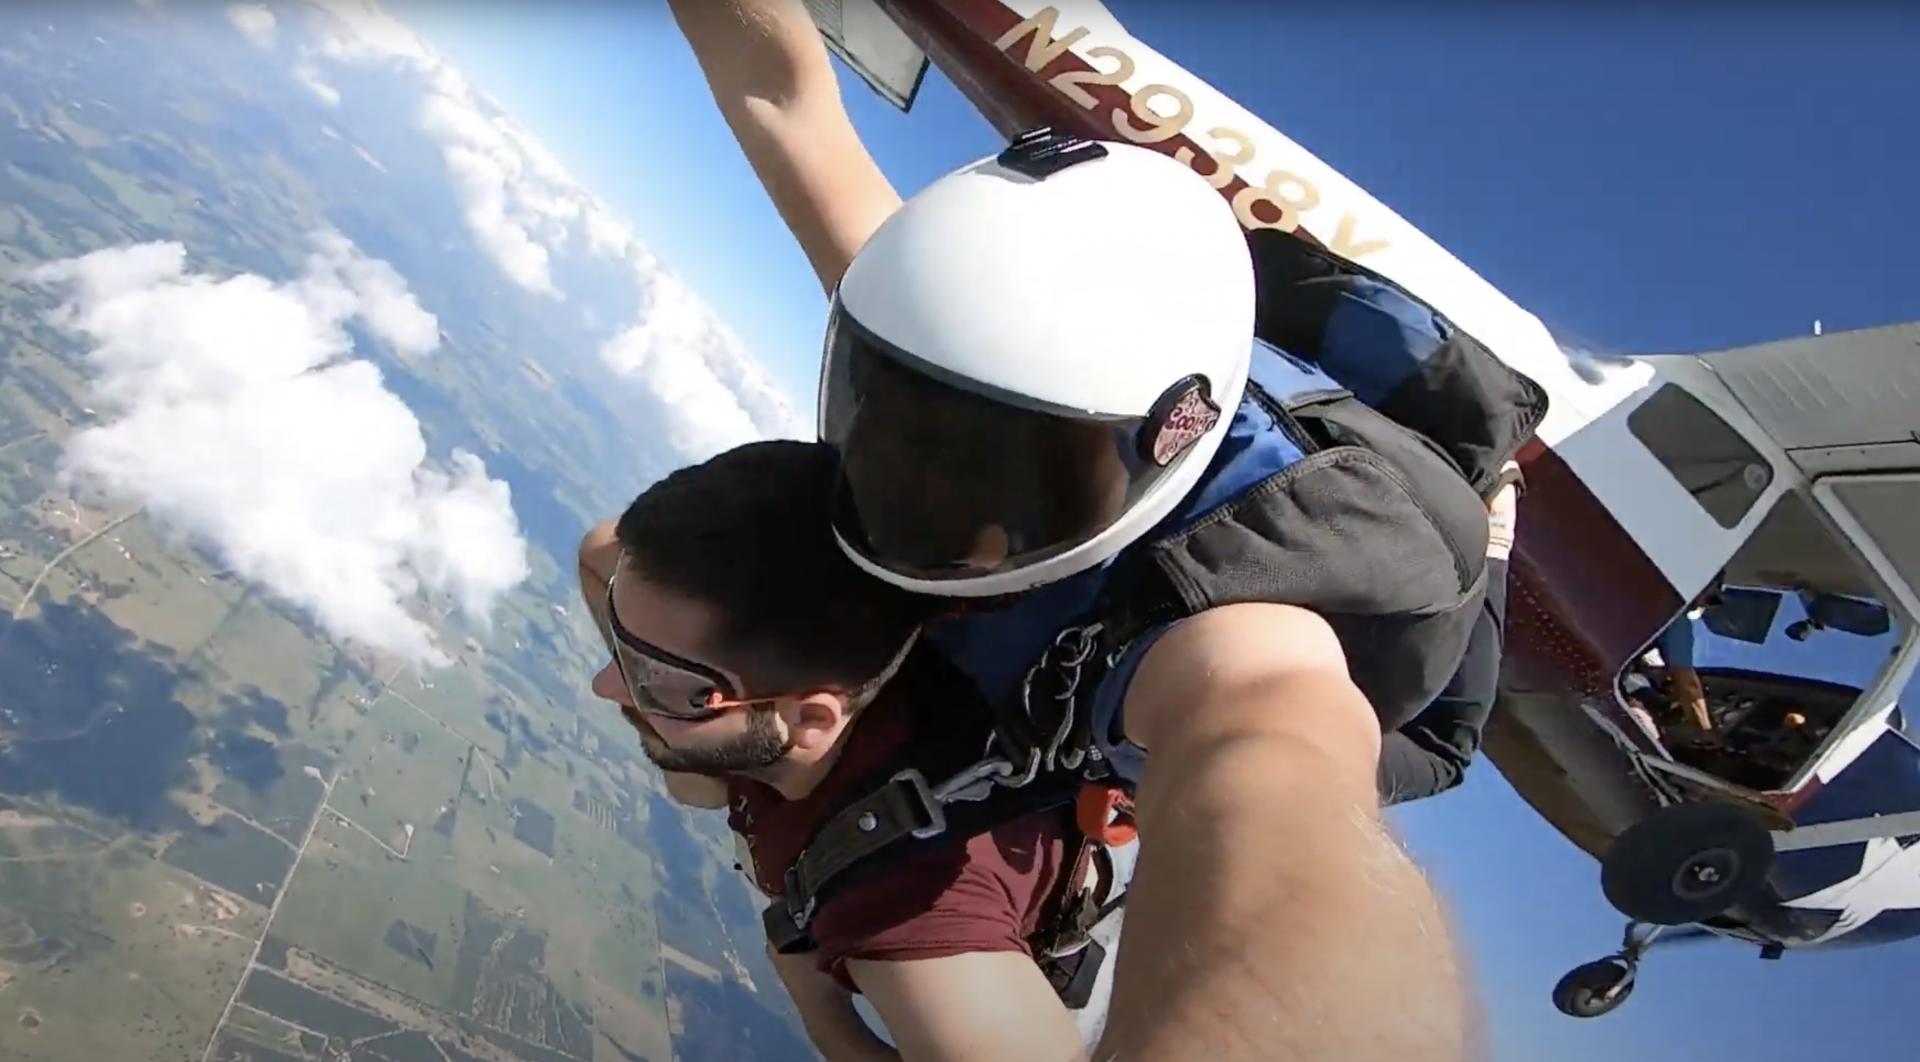 Freefall Texas Skydiving Josh